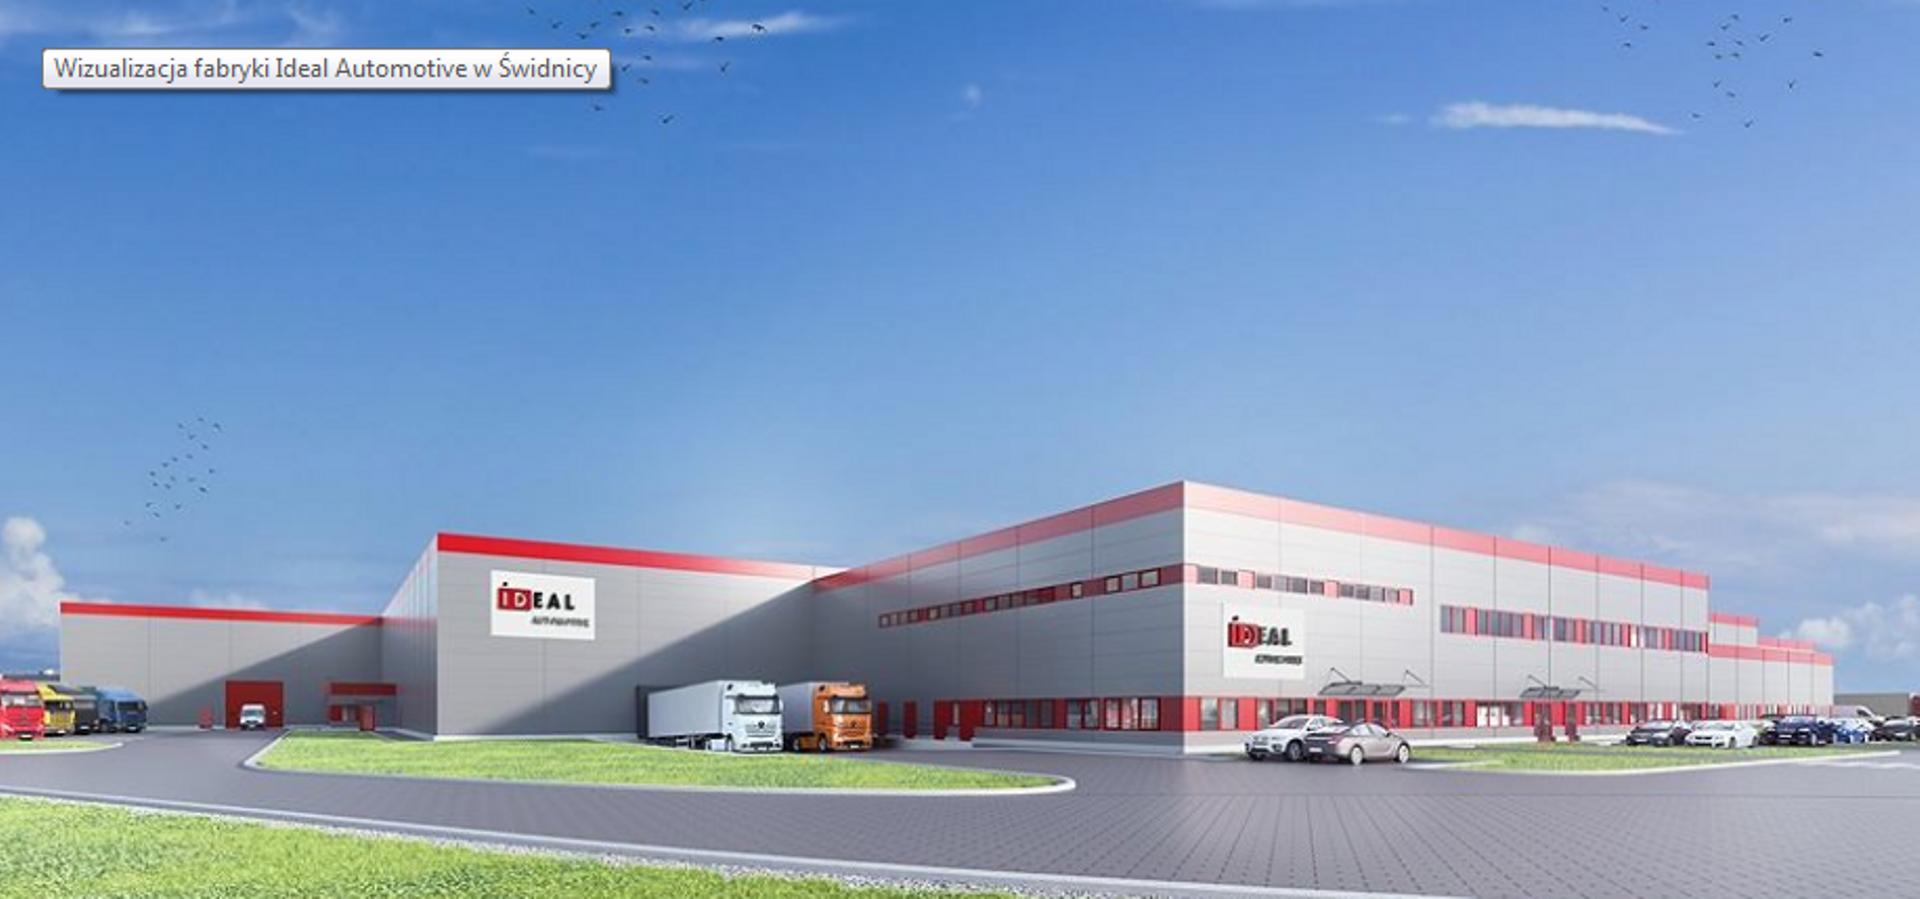 Dolny Śląsk: Niemiecki inwestor z branży motoryzacyjnej zatrudni 500 osób w nowej fabryce w Świdnicy